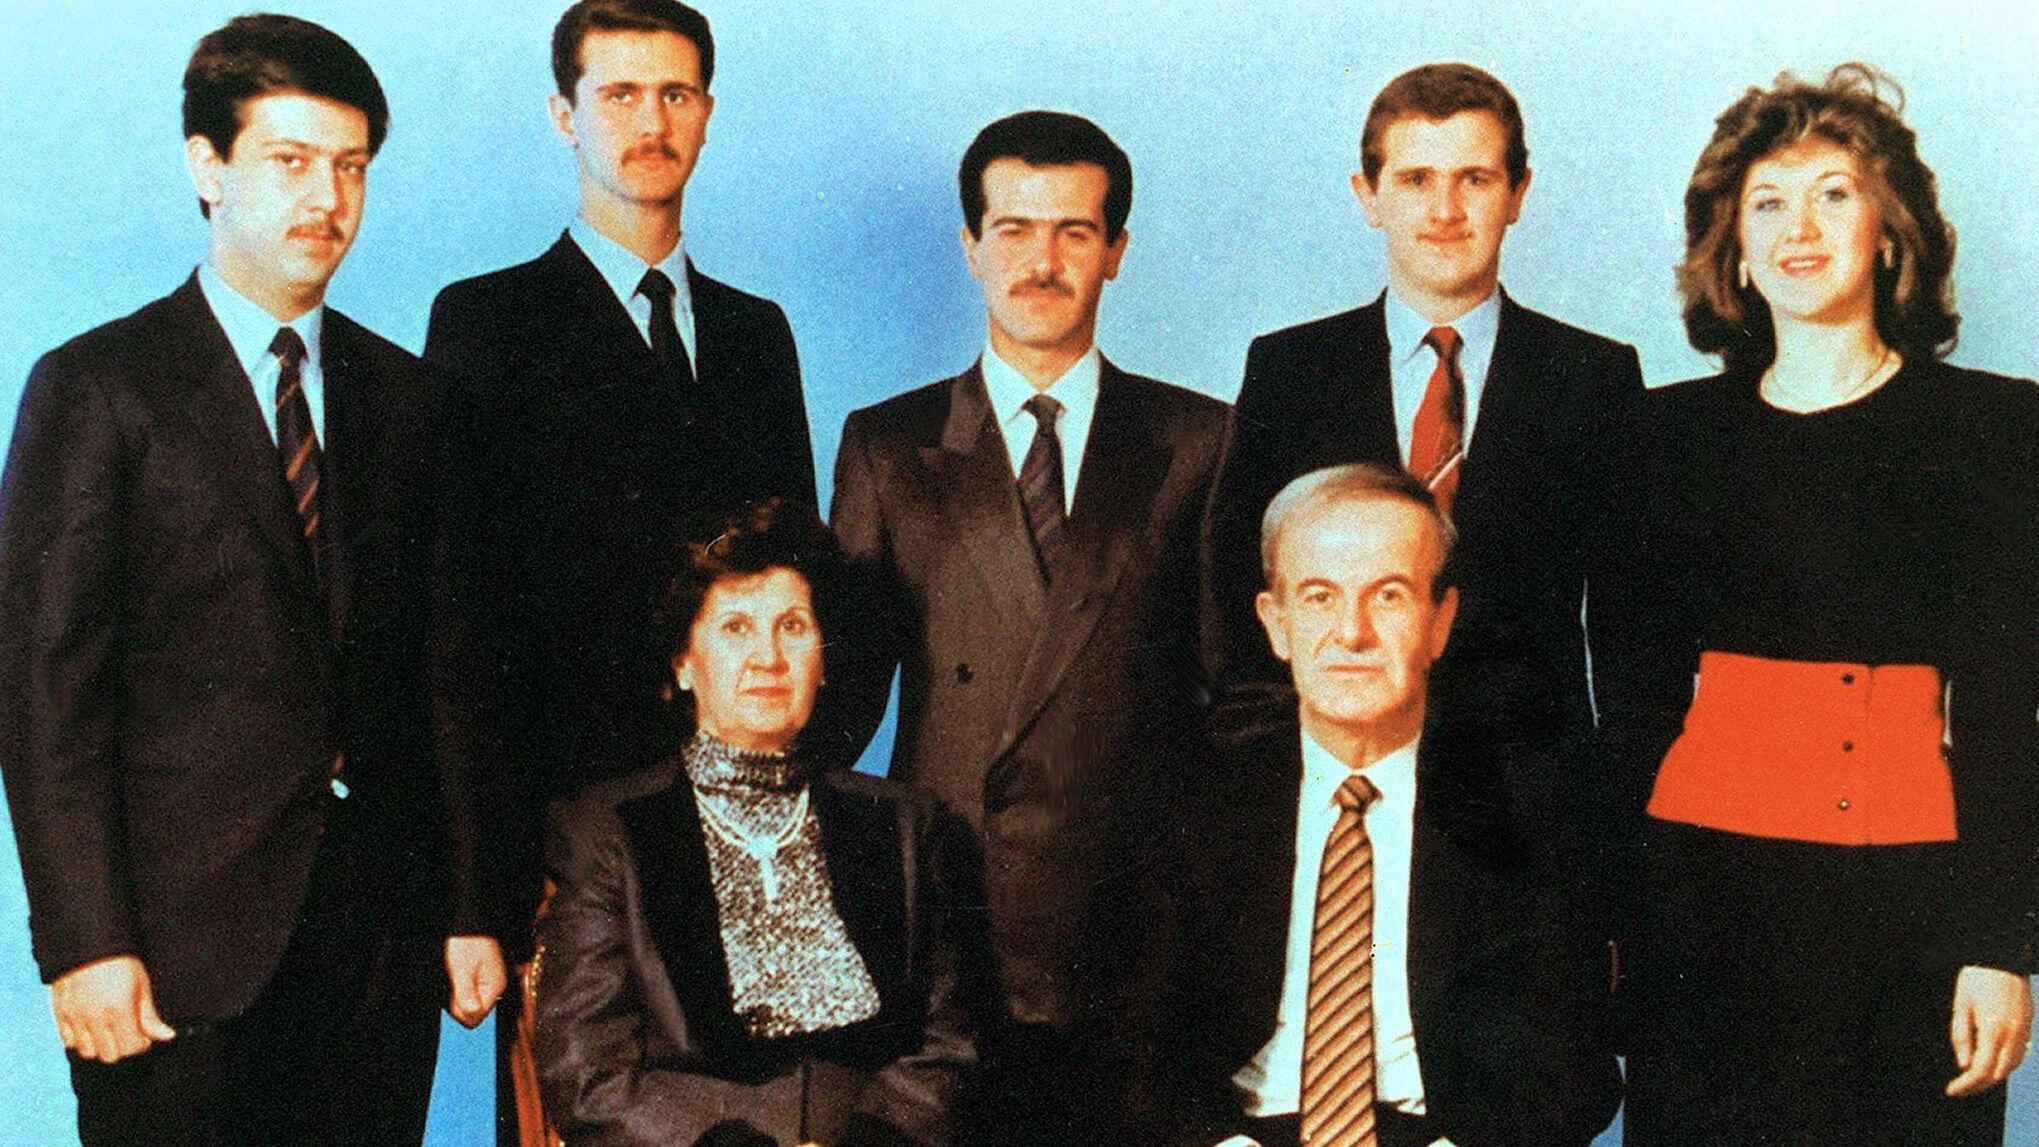 El cuadro sin fecha muestra al presidente sirio Hafez al-Assad y a su esposa Anisseh posando para una imagen familiar con sus hijos (L a R) Maher, Bashar, Bassel, que murieron en un accidente automovilístico en 1994, Majd y Busha.